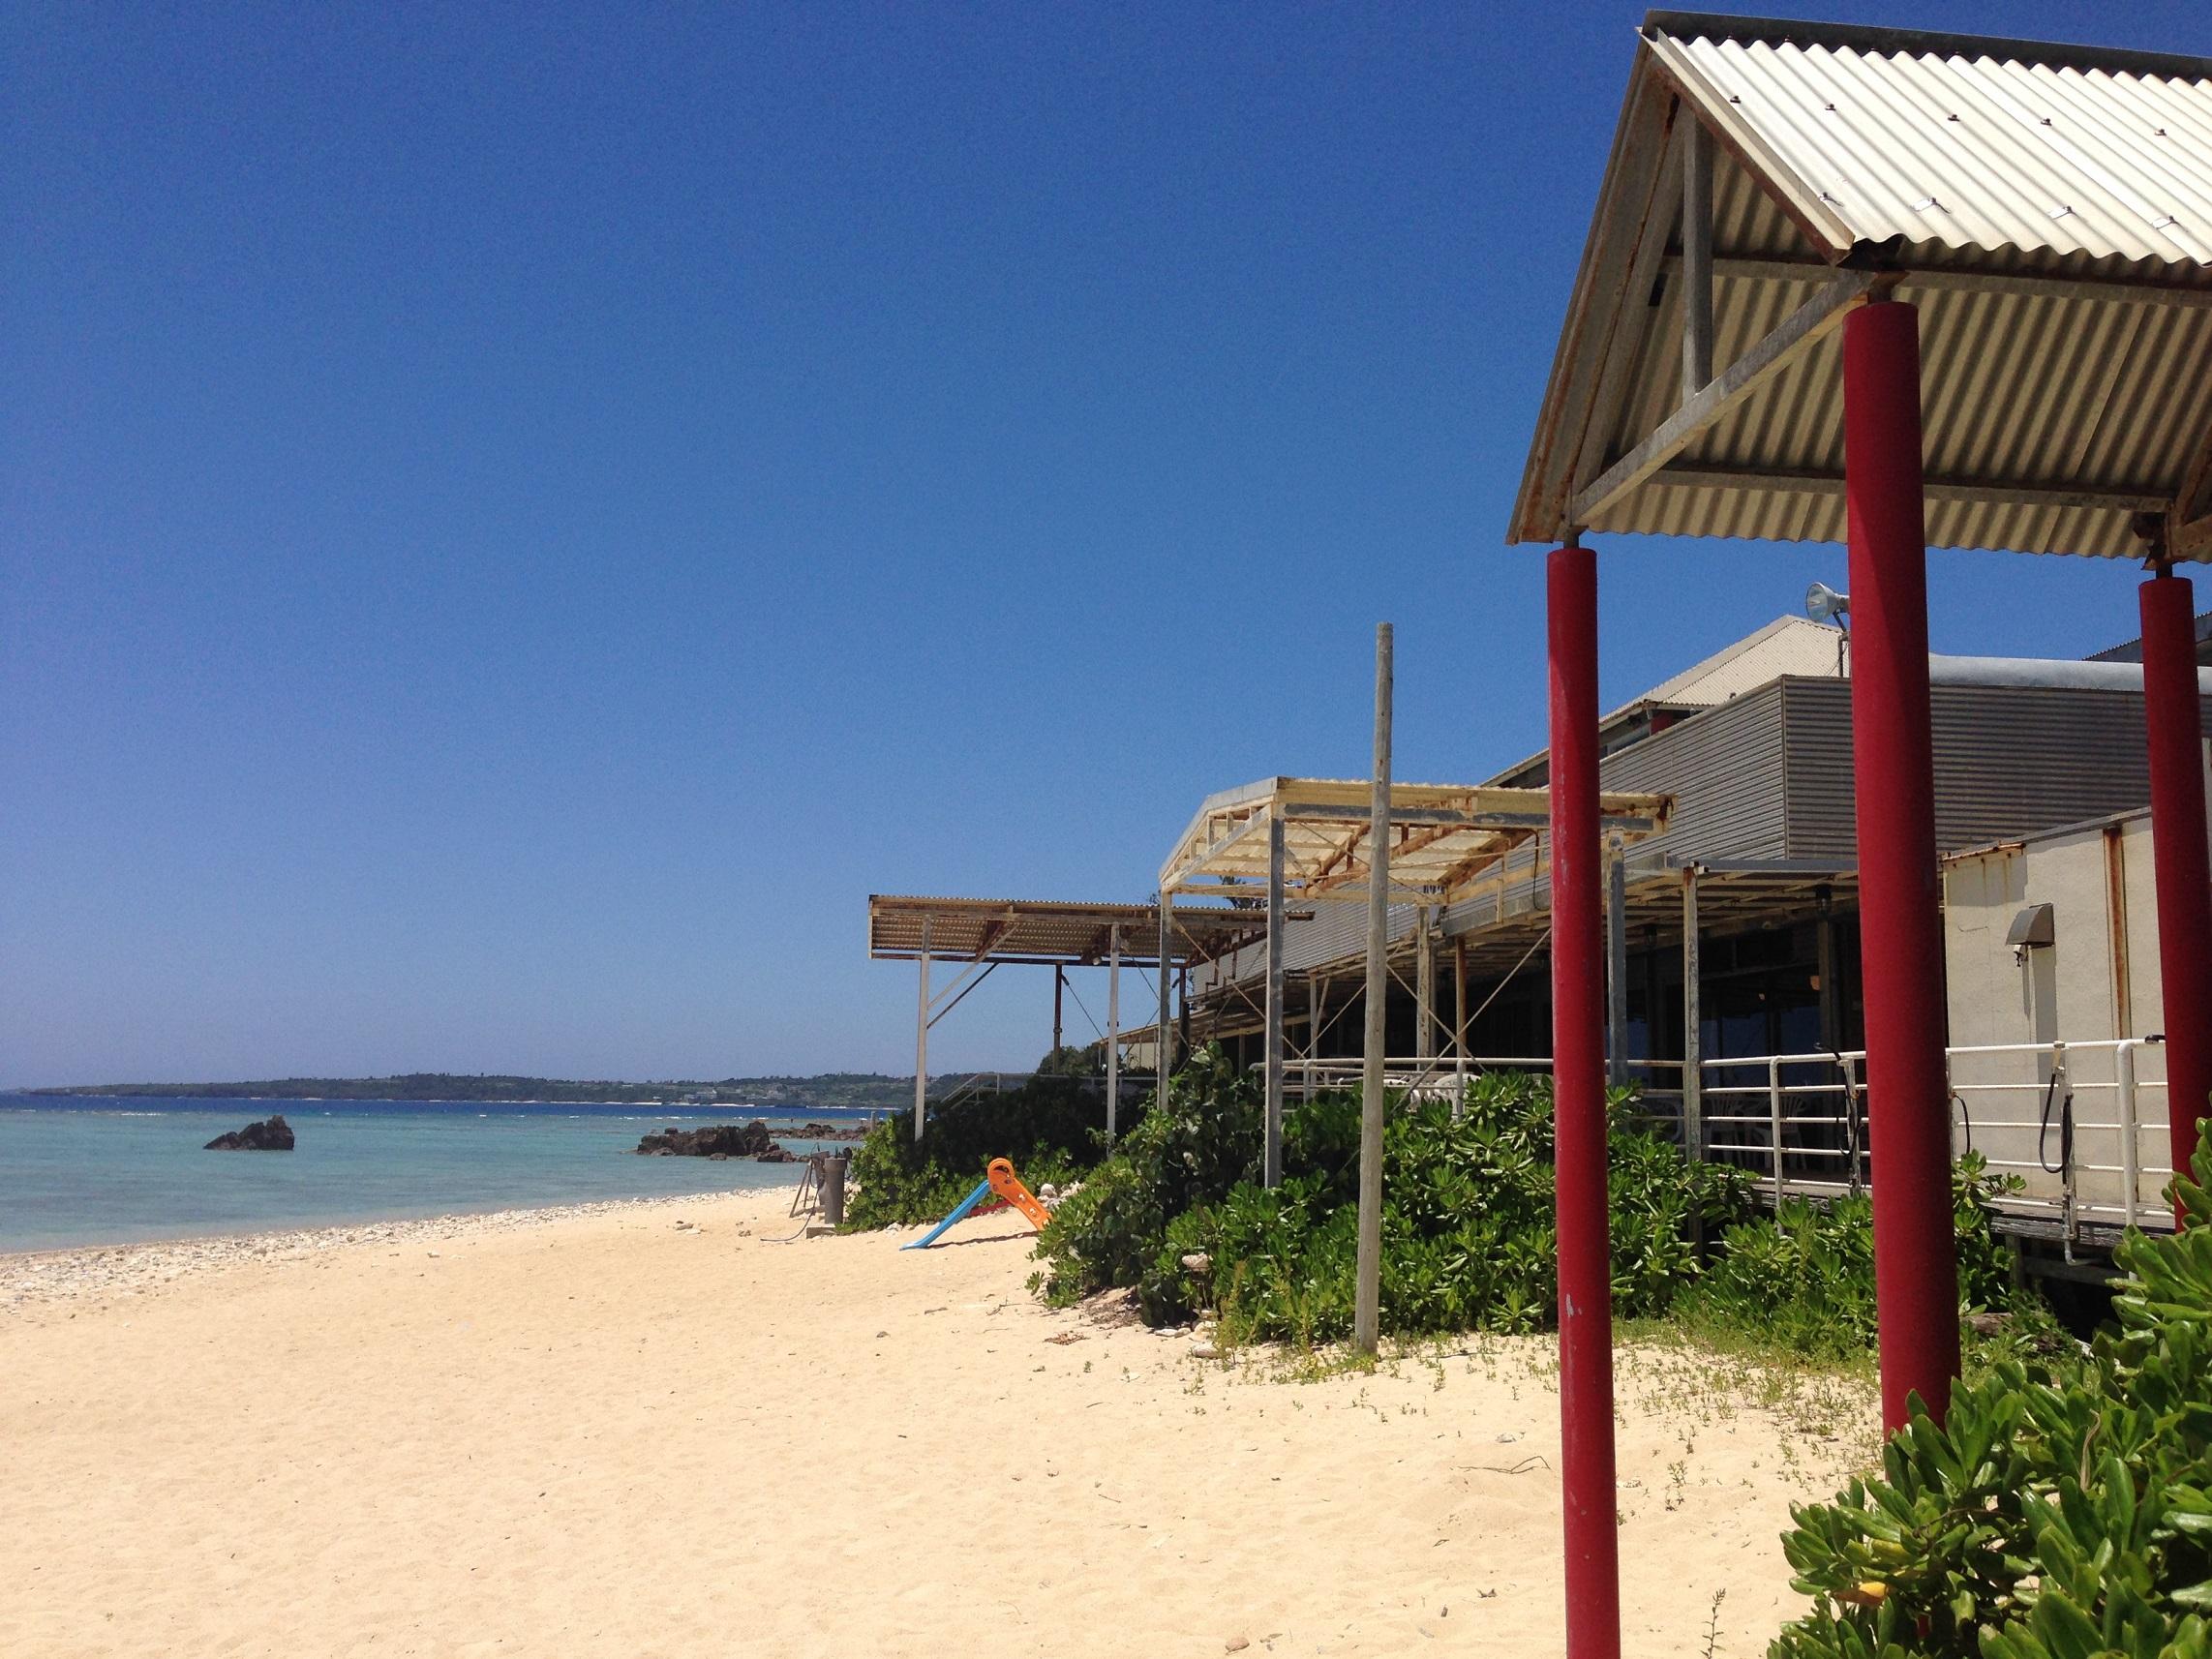 ホテル、レストラン棟前は砂浜の上!まさにオンザビーチ!